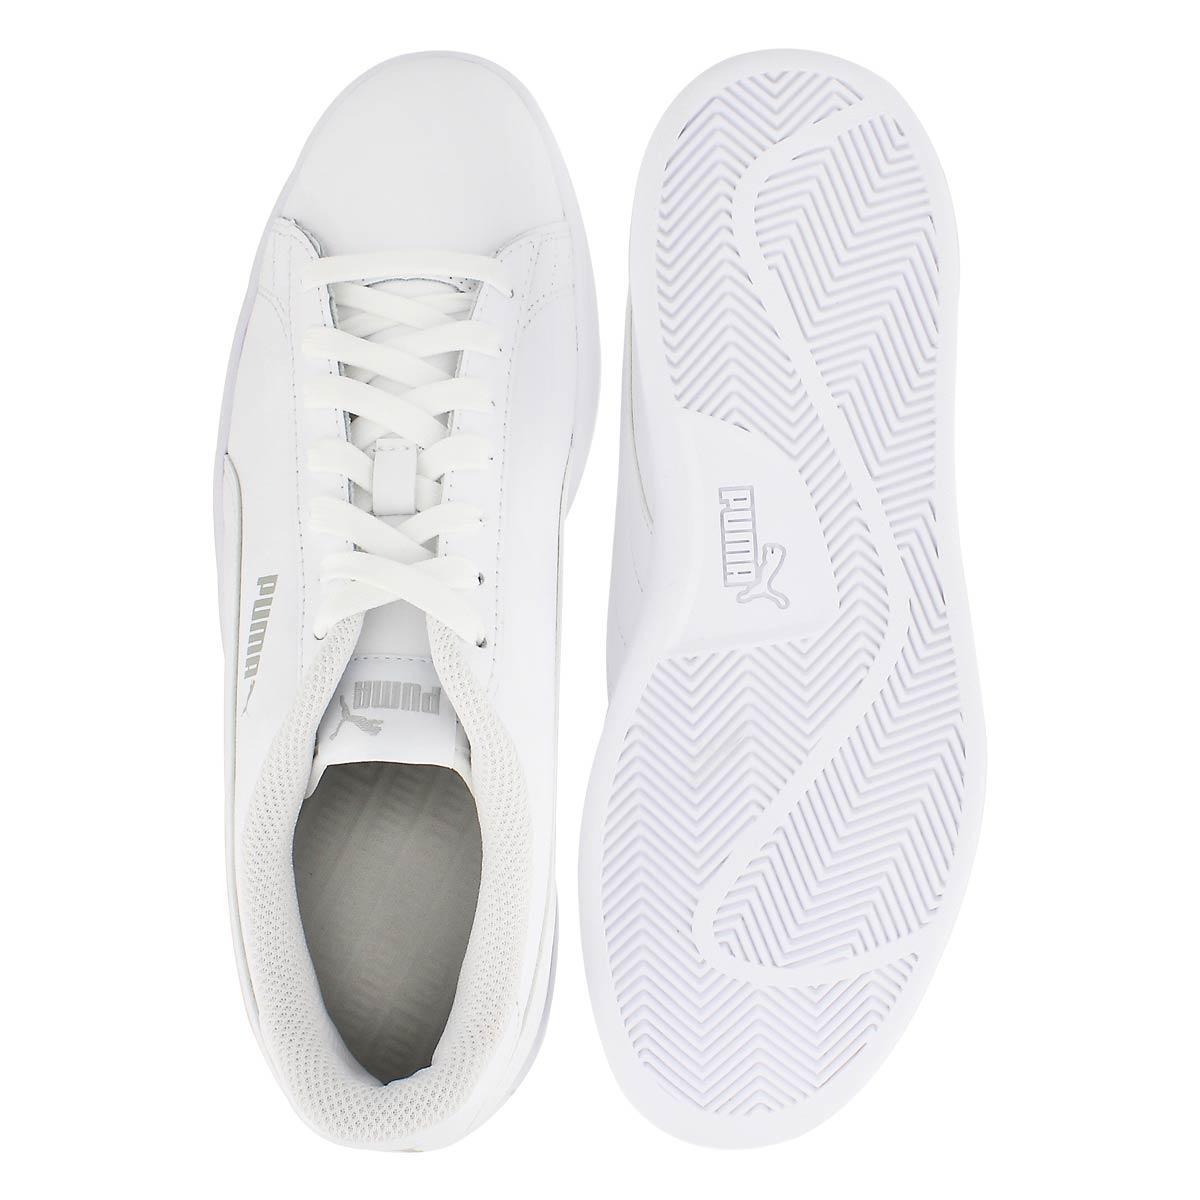 Mns Puma Smash v2 wht/wht lthr sneaker